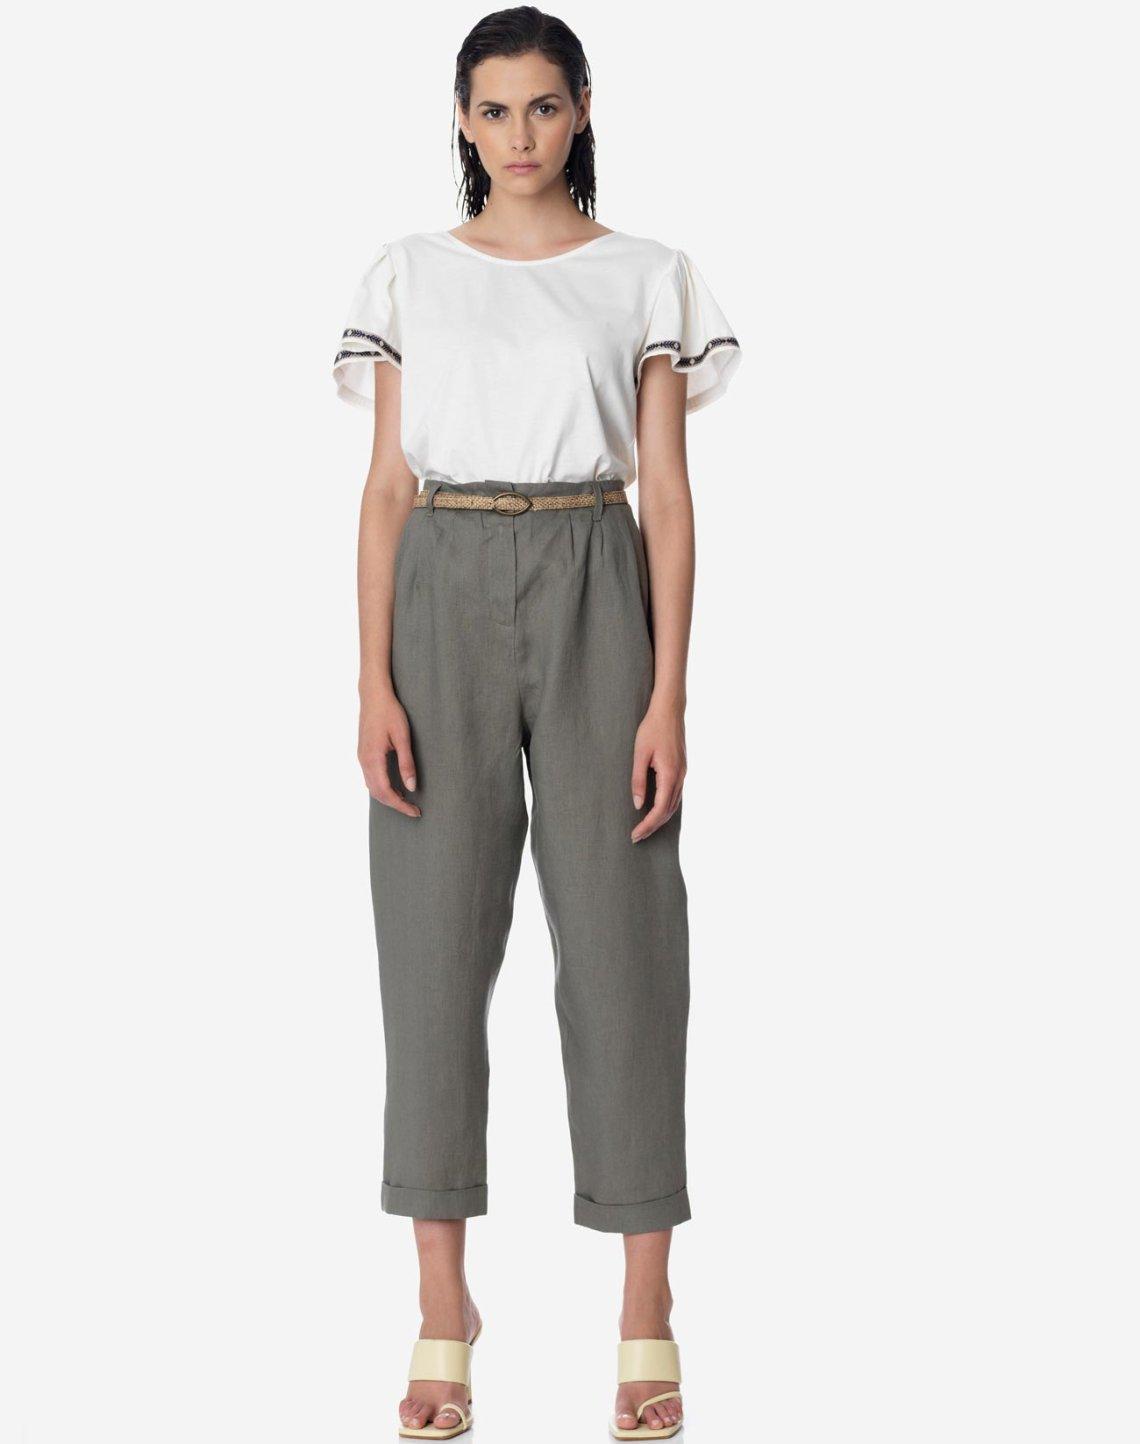 Ψηλομέσο λινό φαρδύ παντελόνι